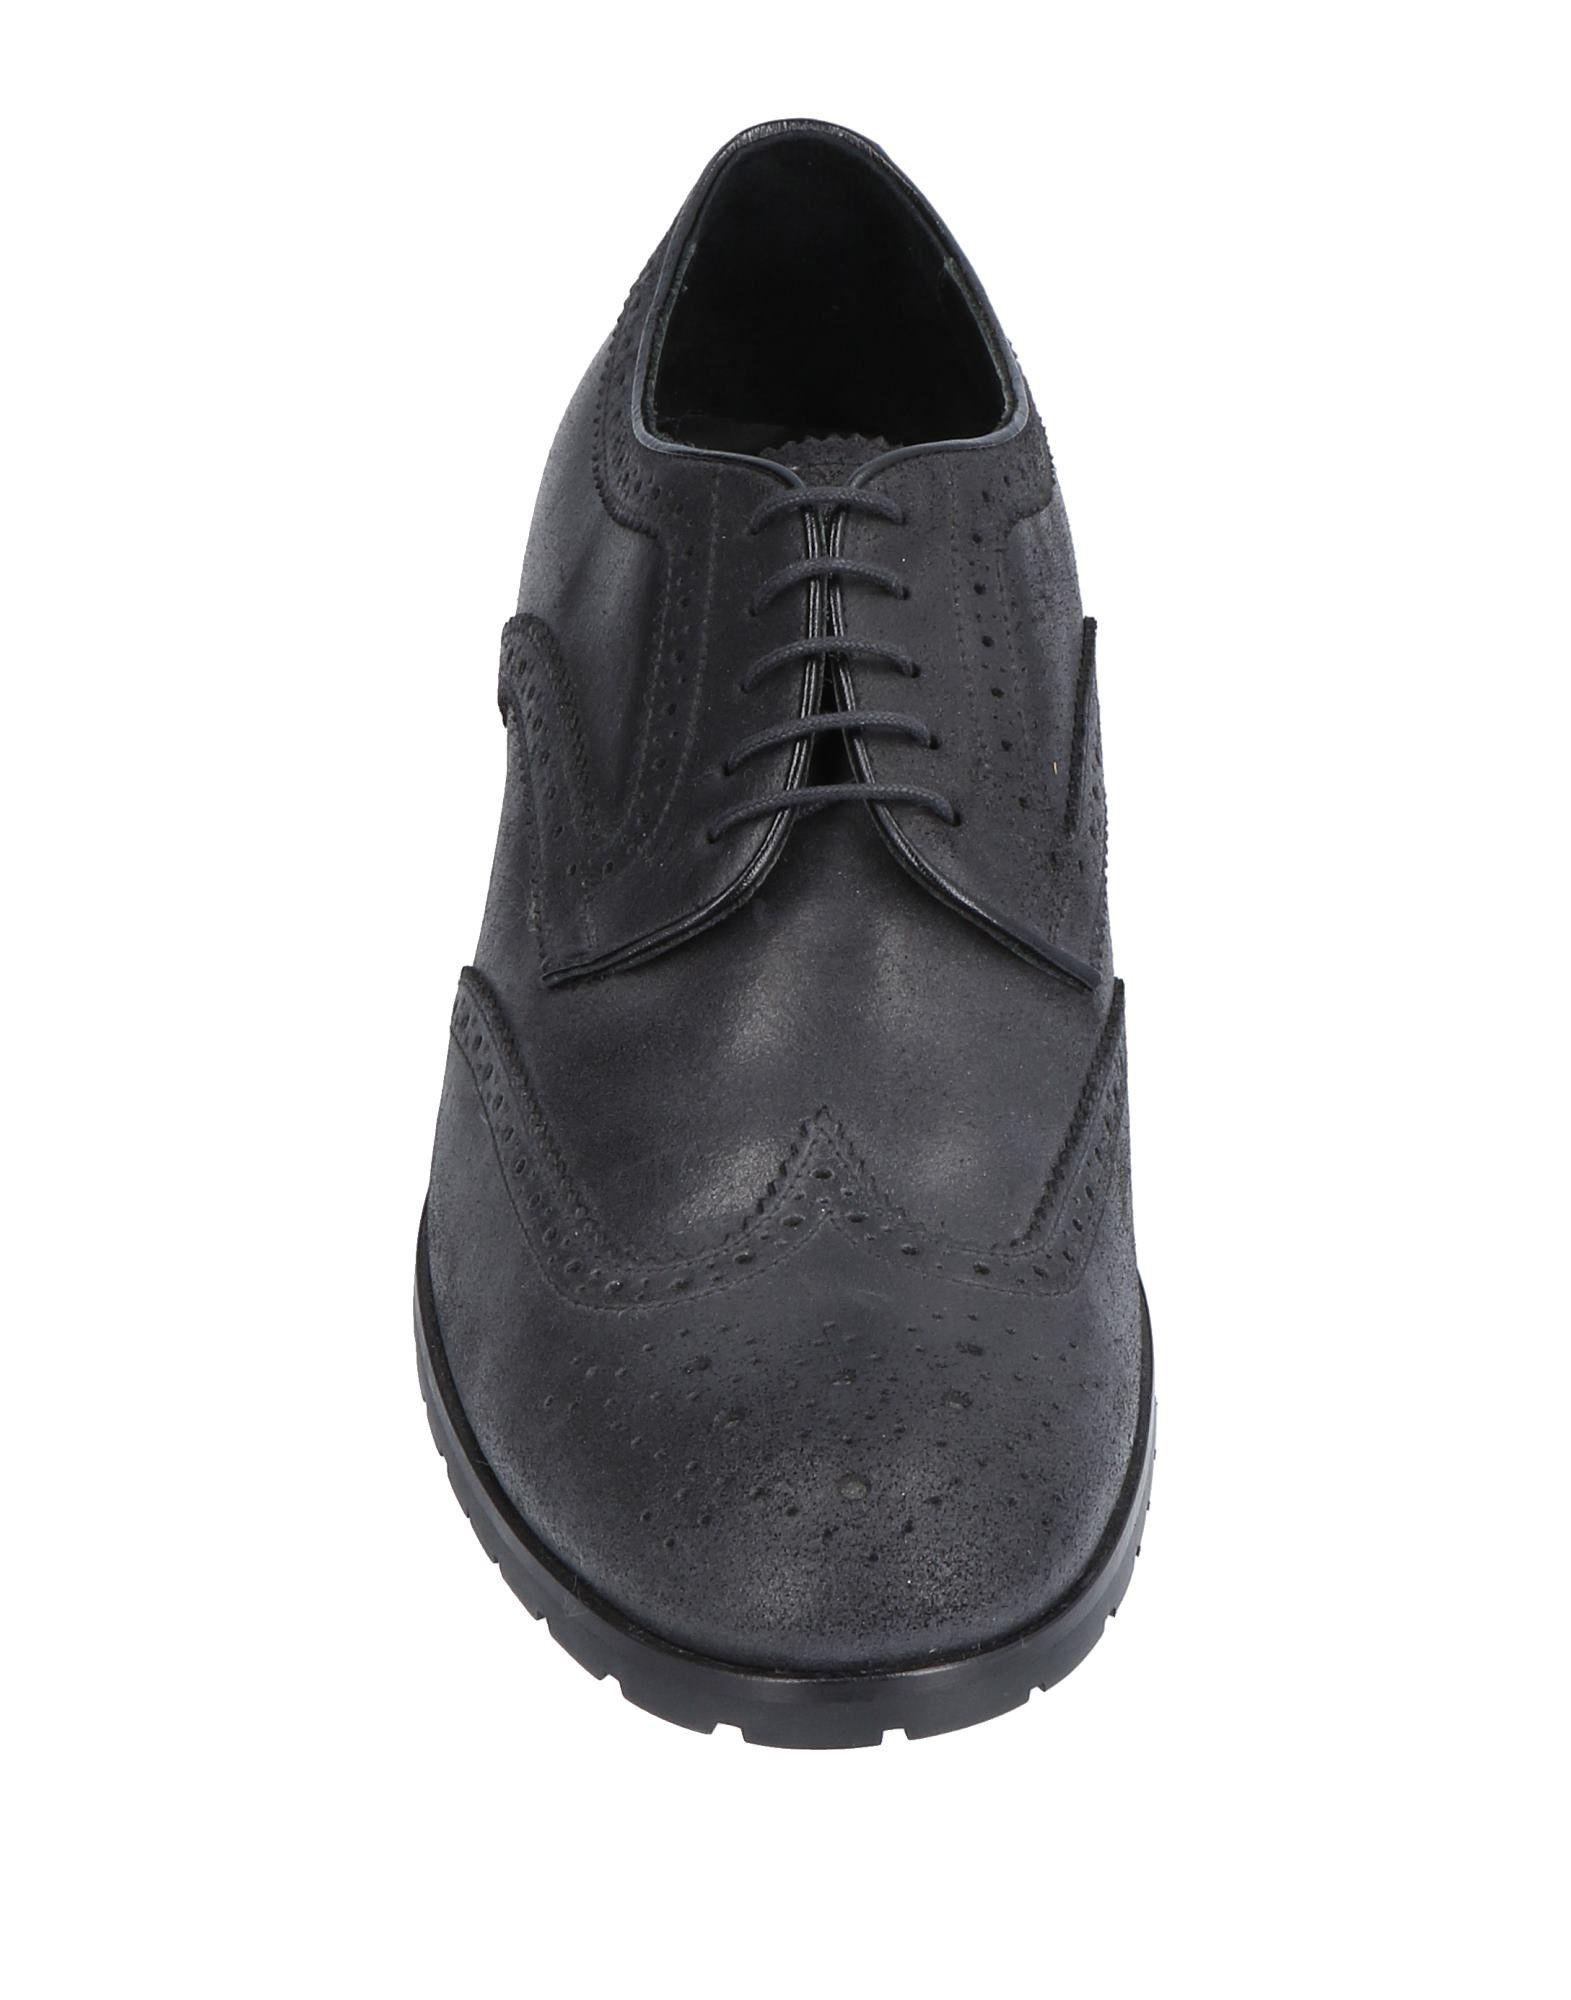 Emporio Armani Schnürschuhe Herren beliebte  11504215BF Gute Qualität beliebte Herren Schuhe 4a6940